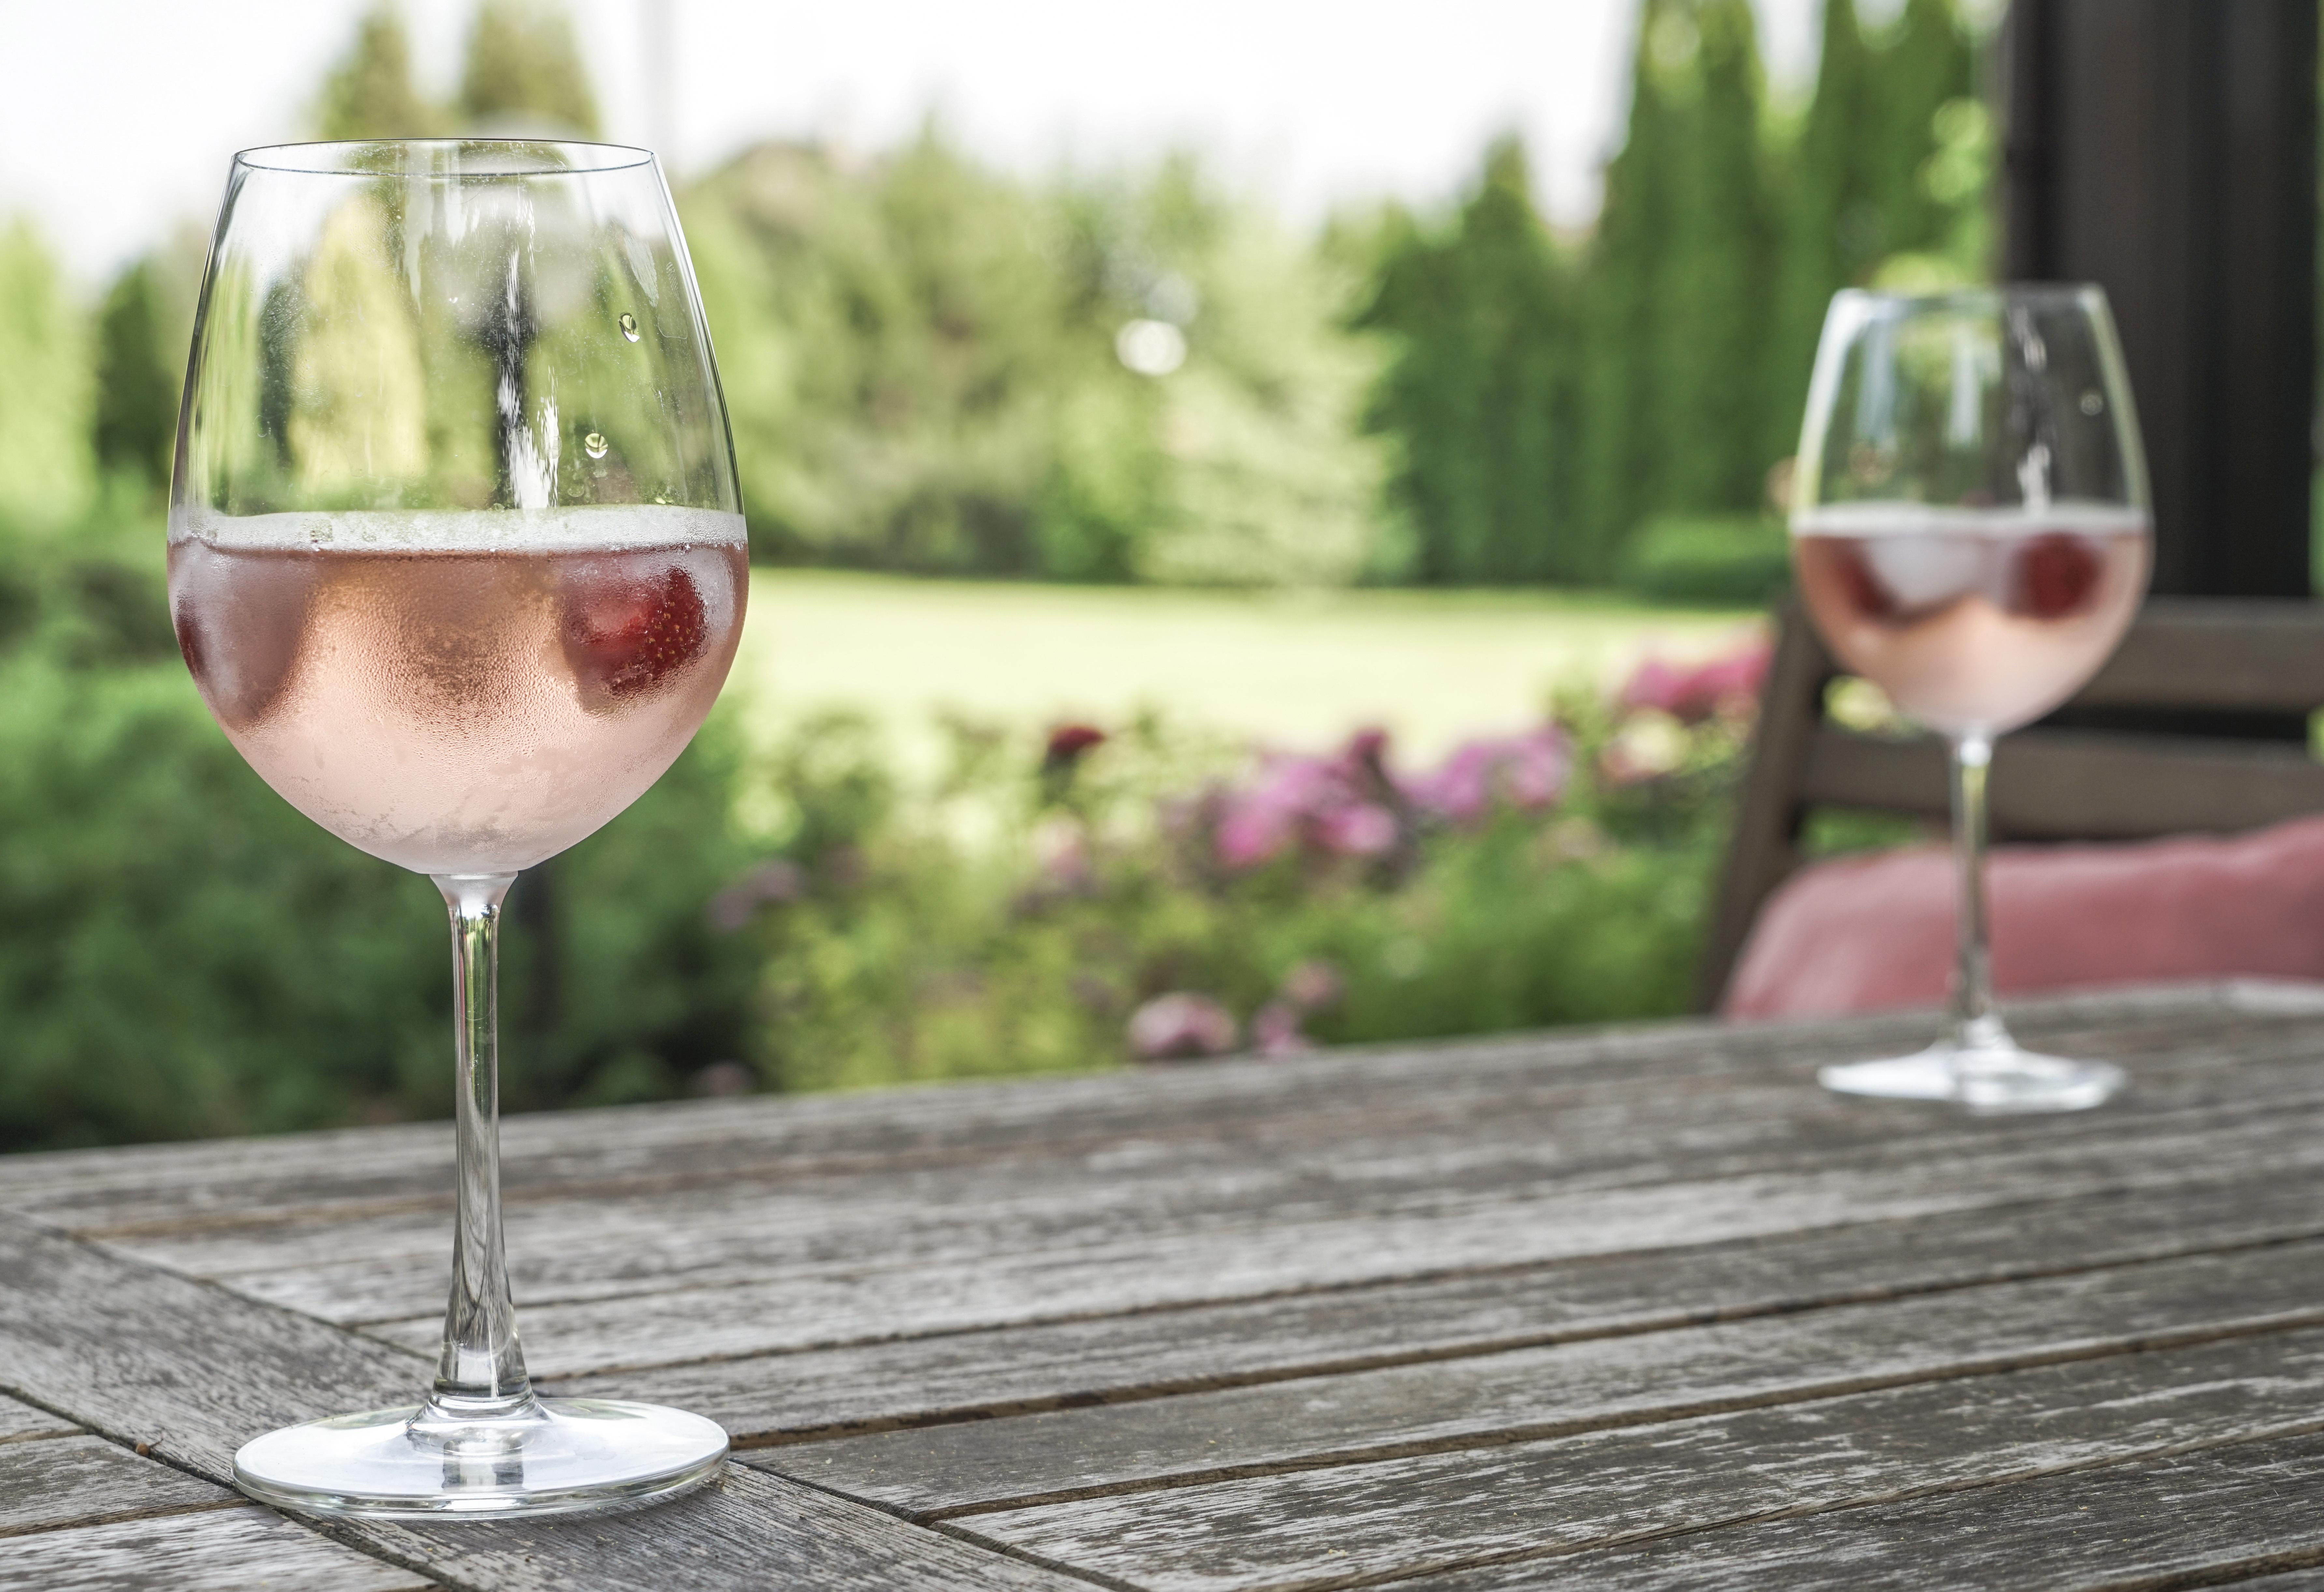 Quel vin rosé aimez-vous ?